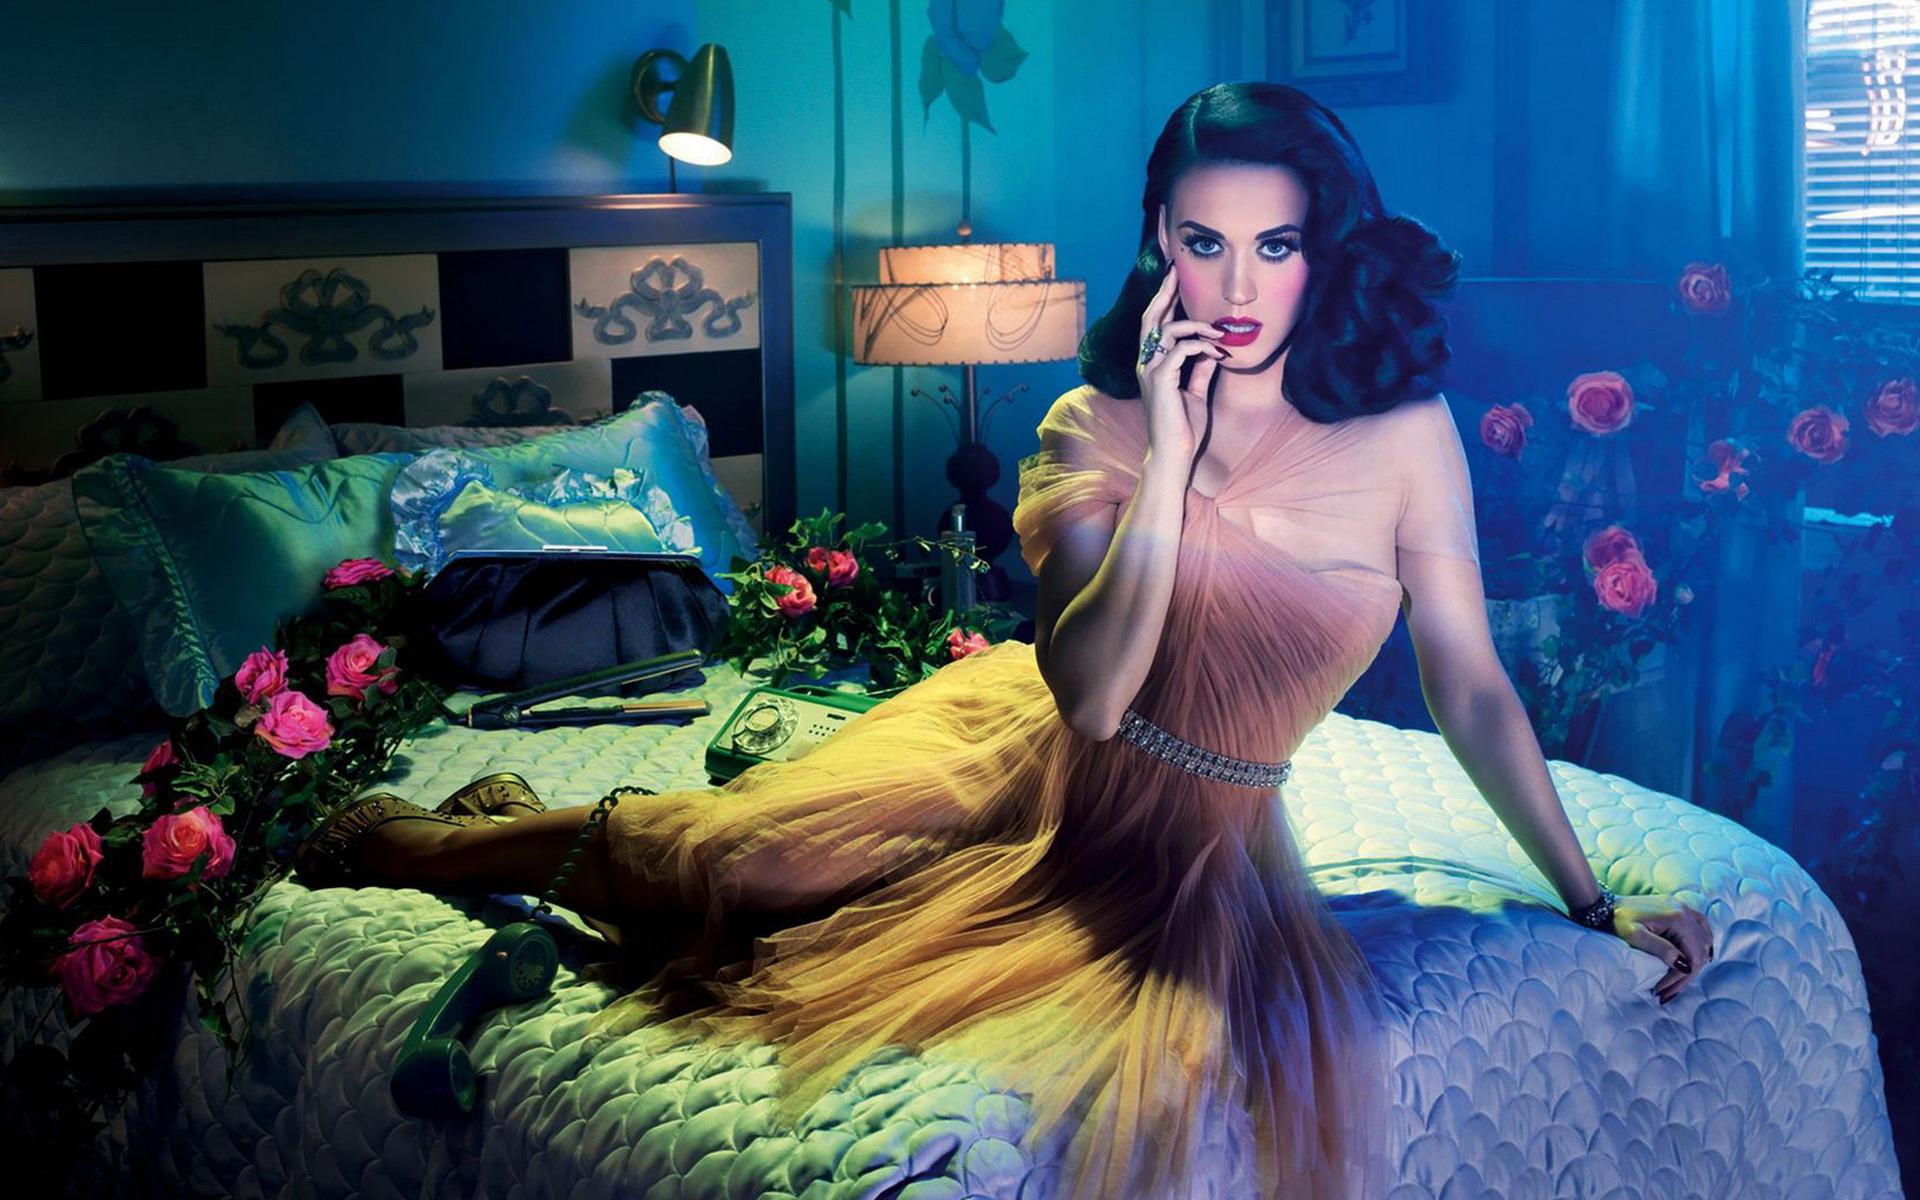 Cute Fall Out Boy Wallpapers Desktop Katy Perry Hd Wallpapers Pixelstalk Net